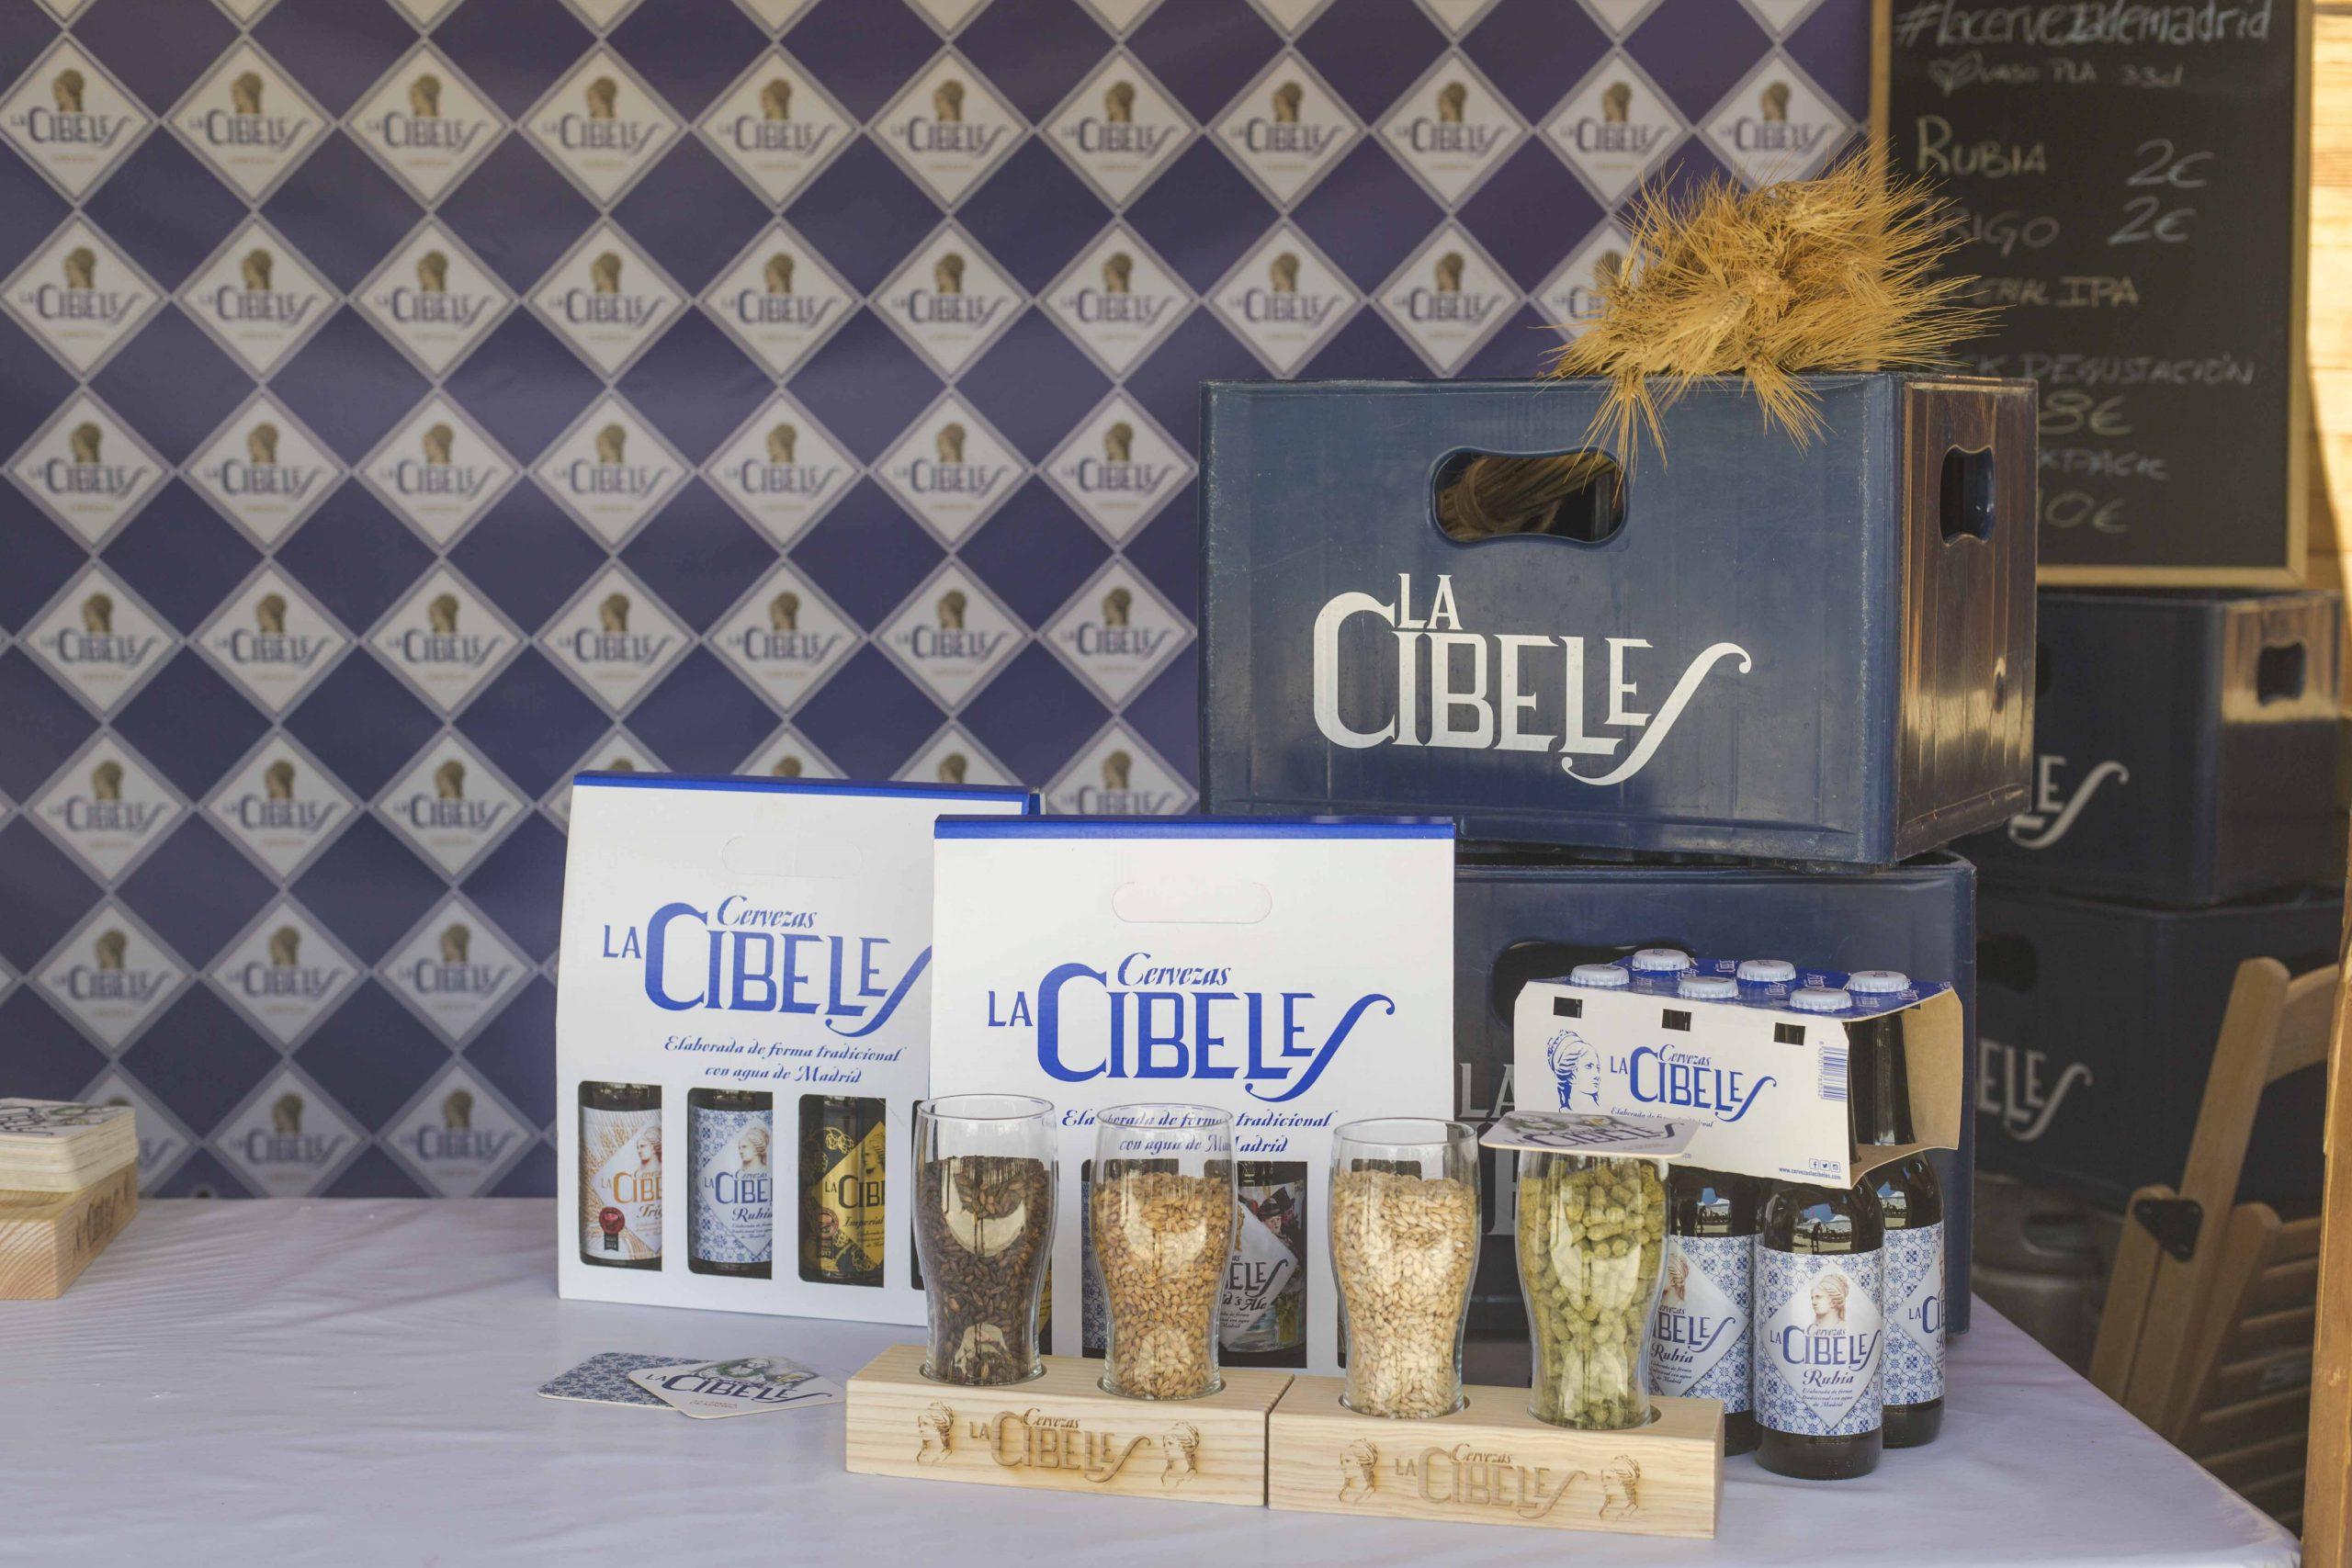 La Cibeles en la actualidad tiene más de 15 variedades de cerveza